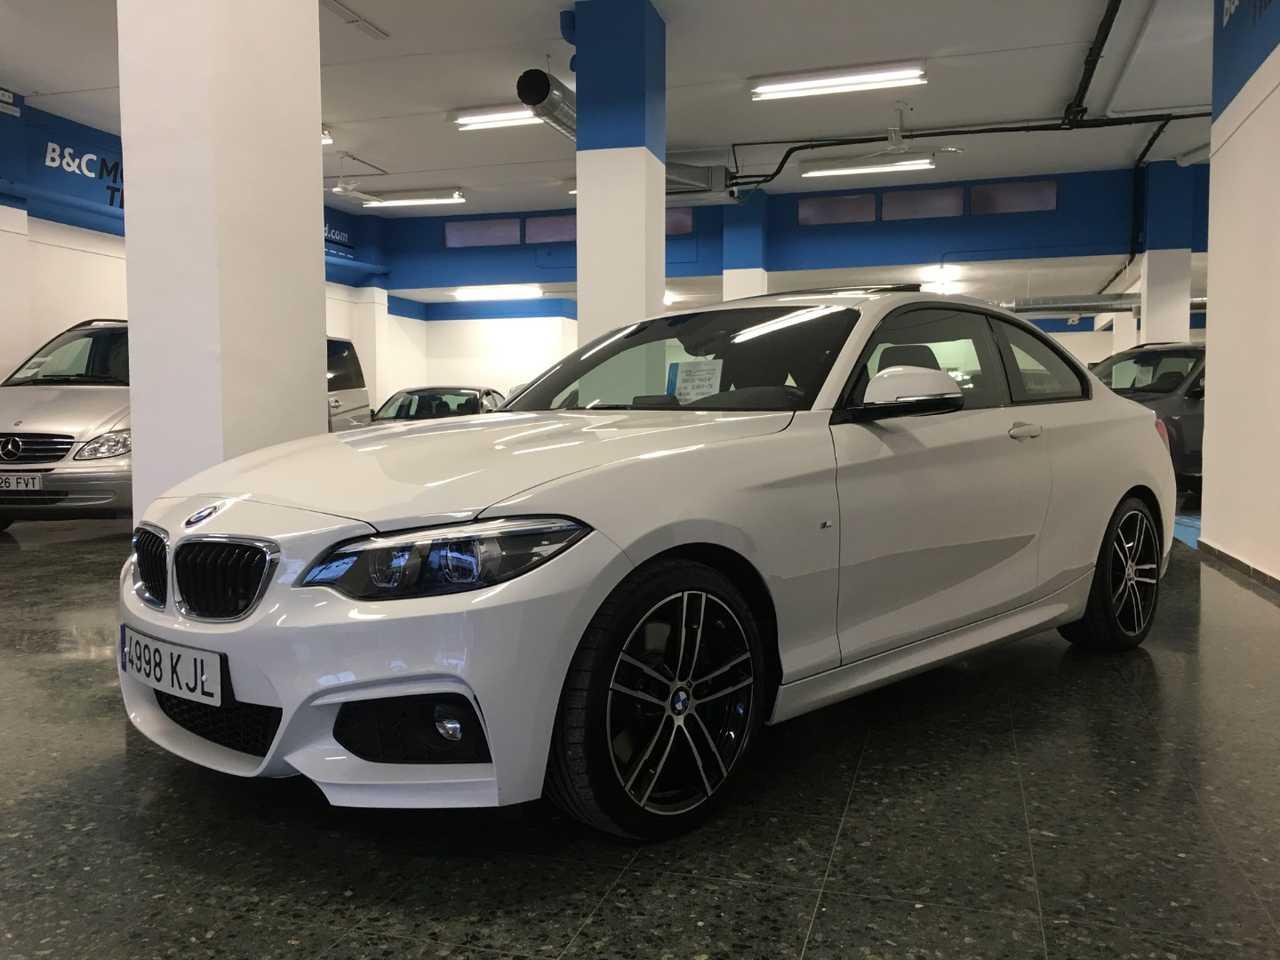 BMW Serie 2 Coupé 230i M-Sport Automático + Levas en Volante   - Foto 1